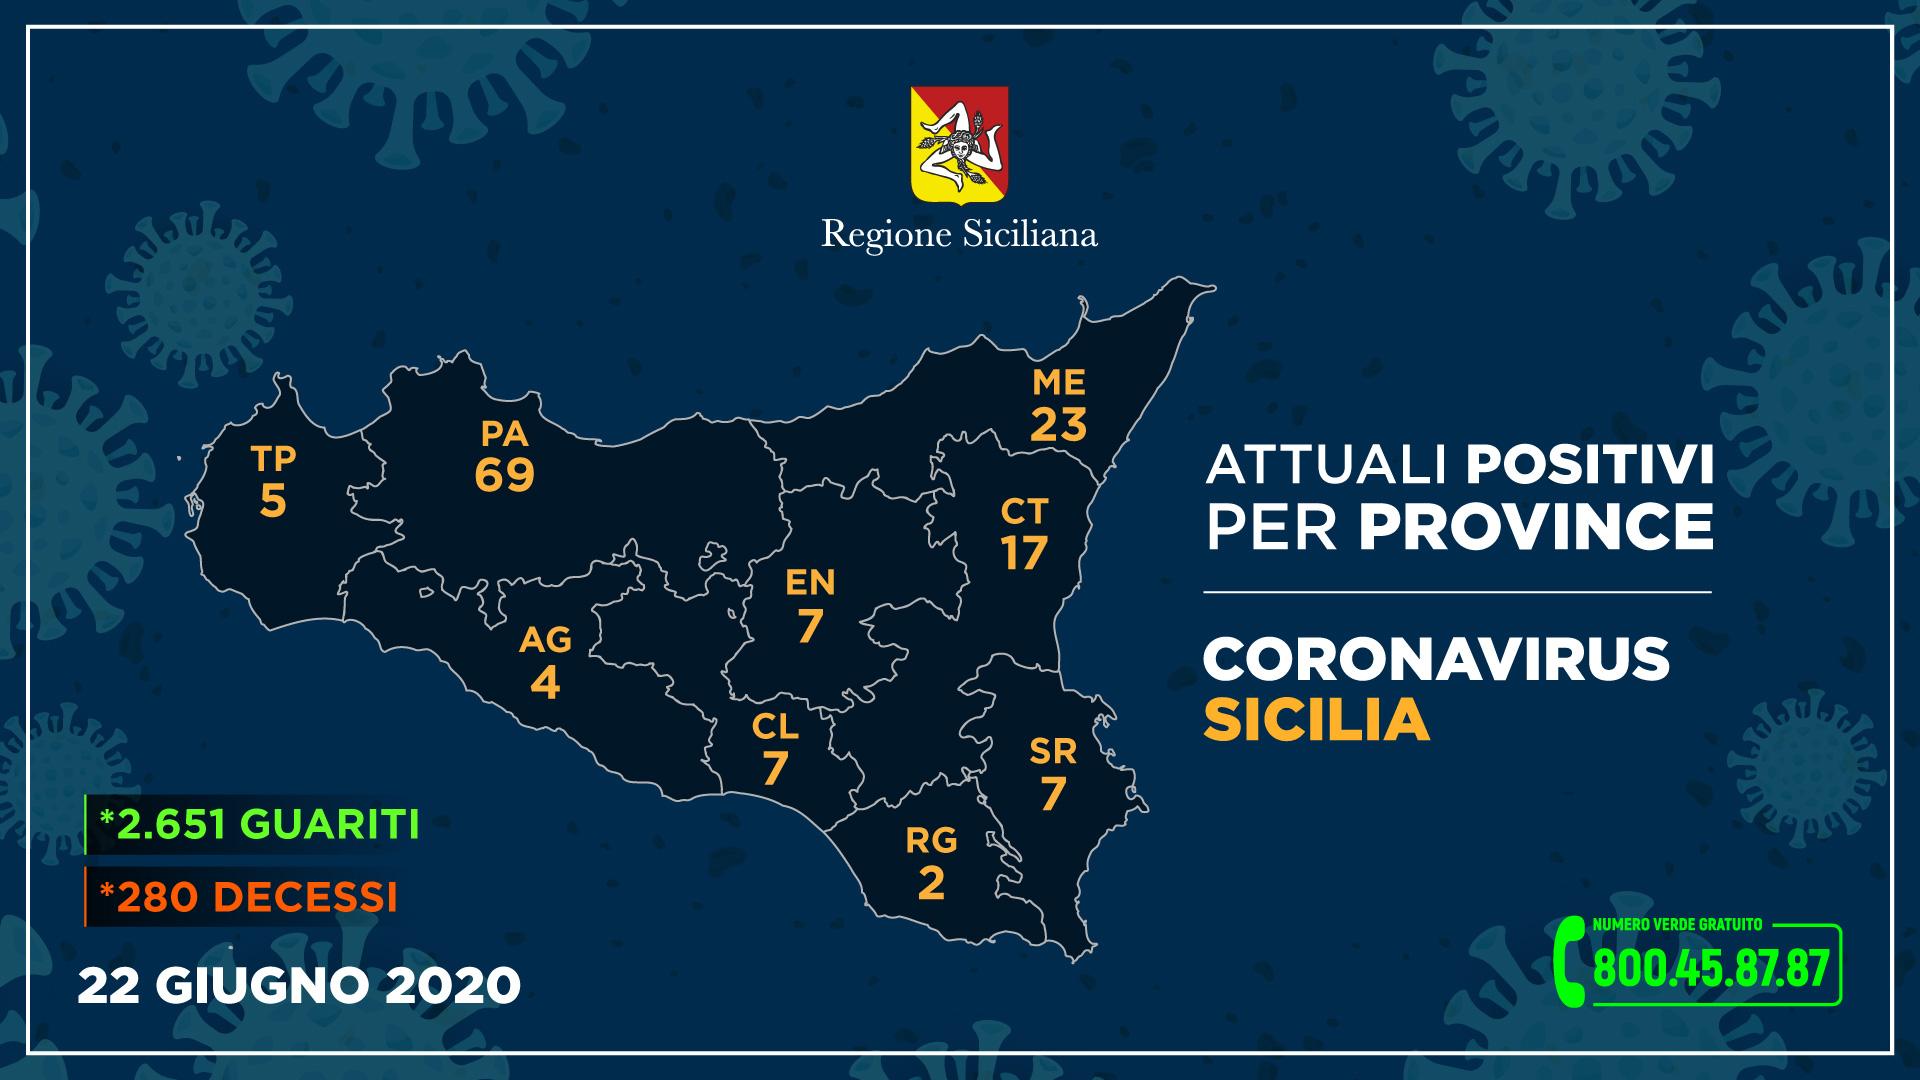 Positivi in Sicilia, i DATI locali: nessun ricovero in quattro province